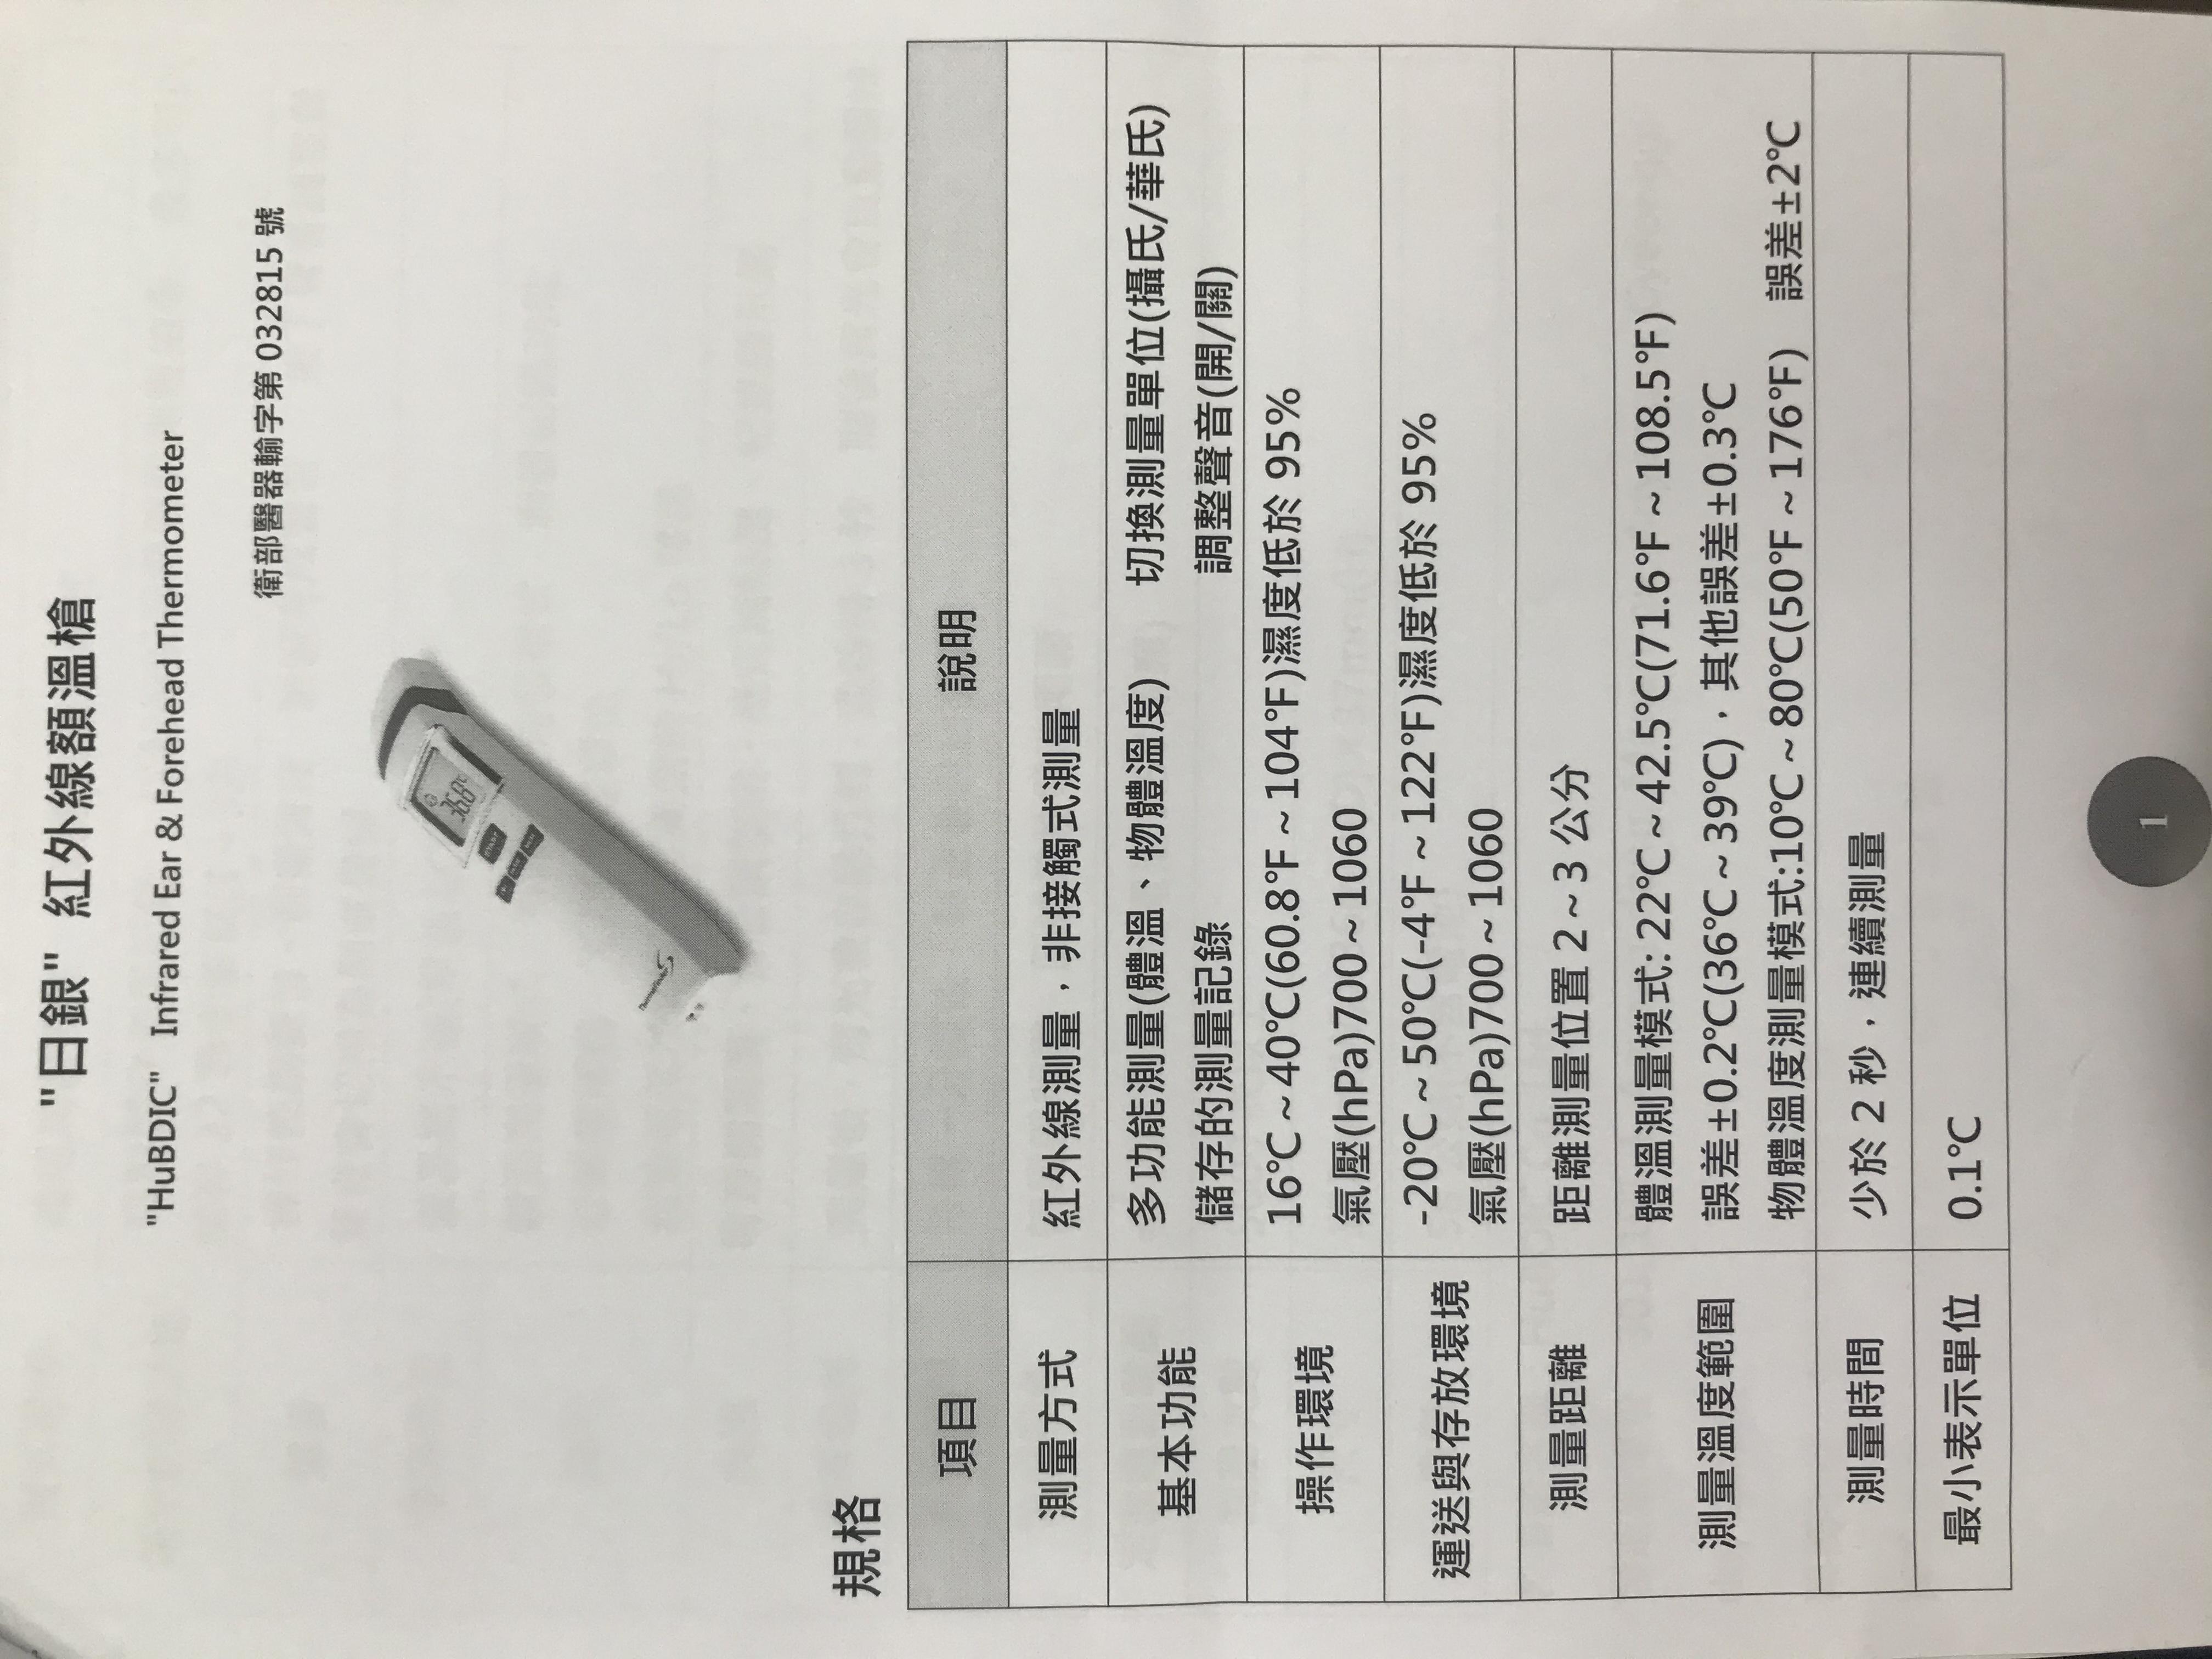 5EC0EC76-1DED-4858-A25A-F32F8820732A